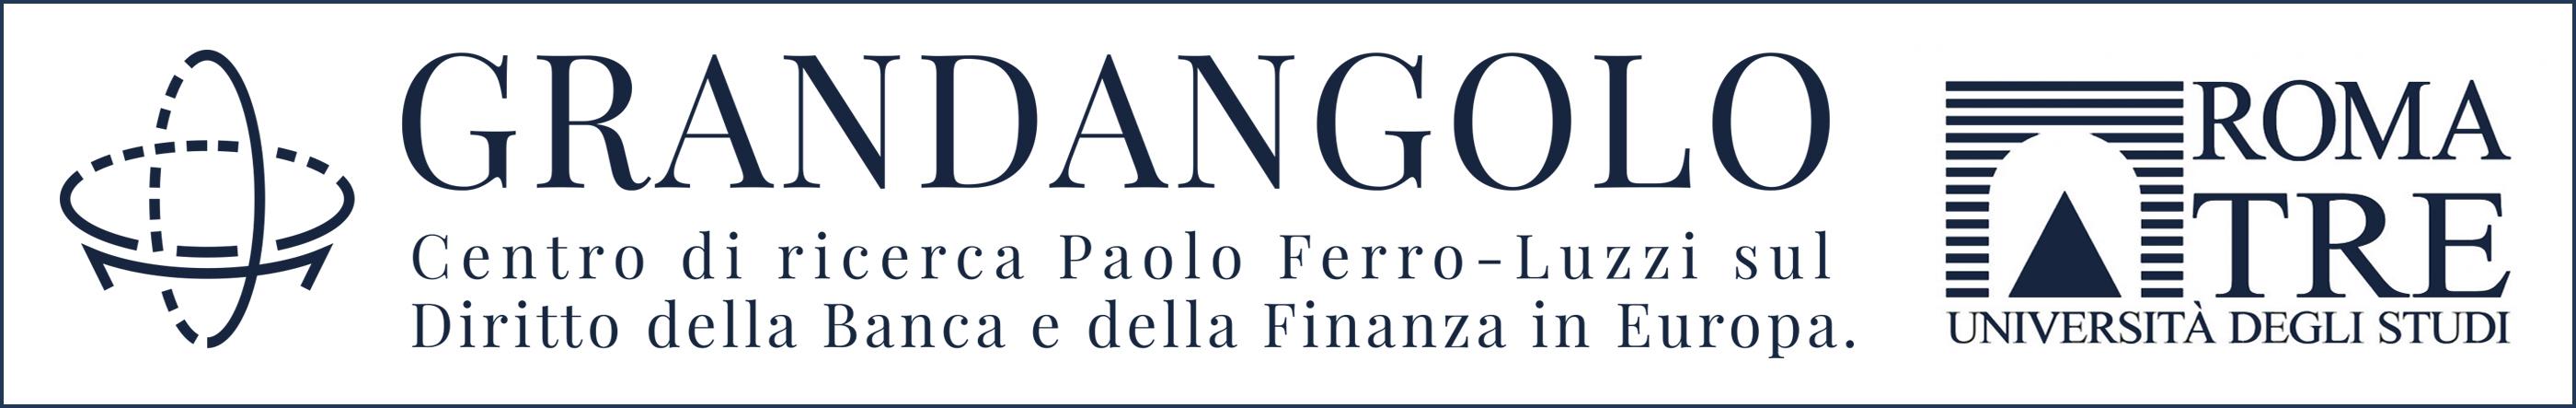 logo centro Grandangolo